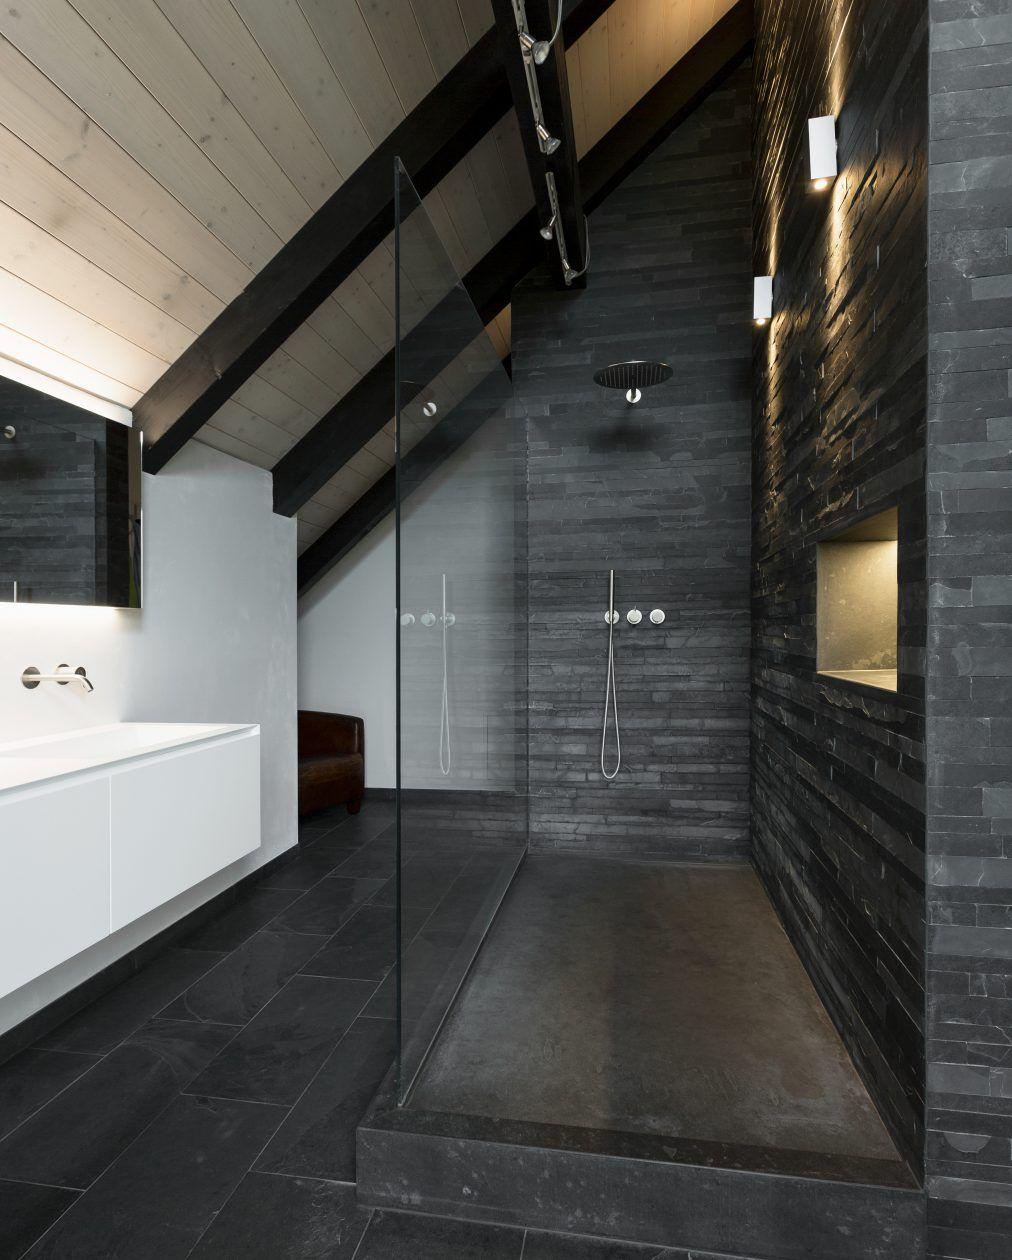 Badsanierung Mit Mustang Schiefer Fur Bodenplatten Und Wandverkleidung Badsanierung Badgestaltung Sanierung